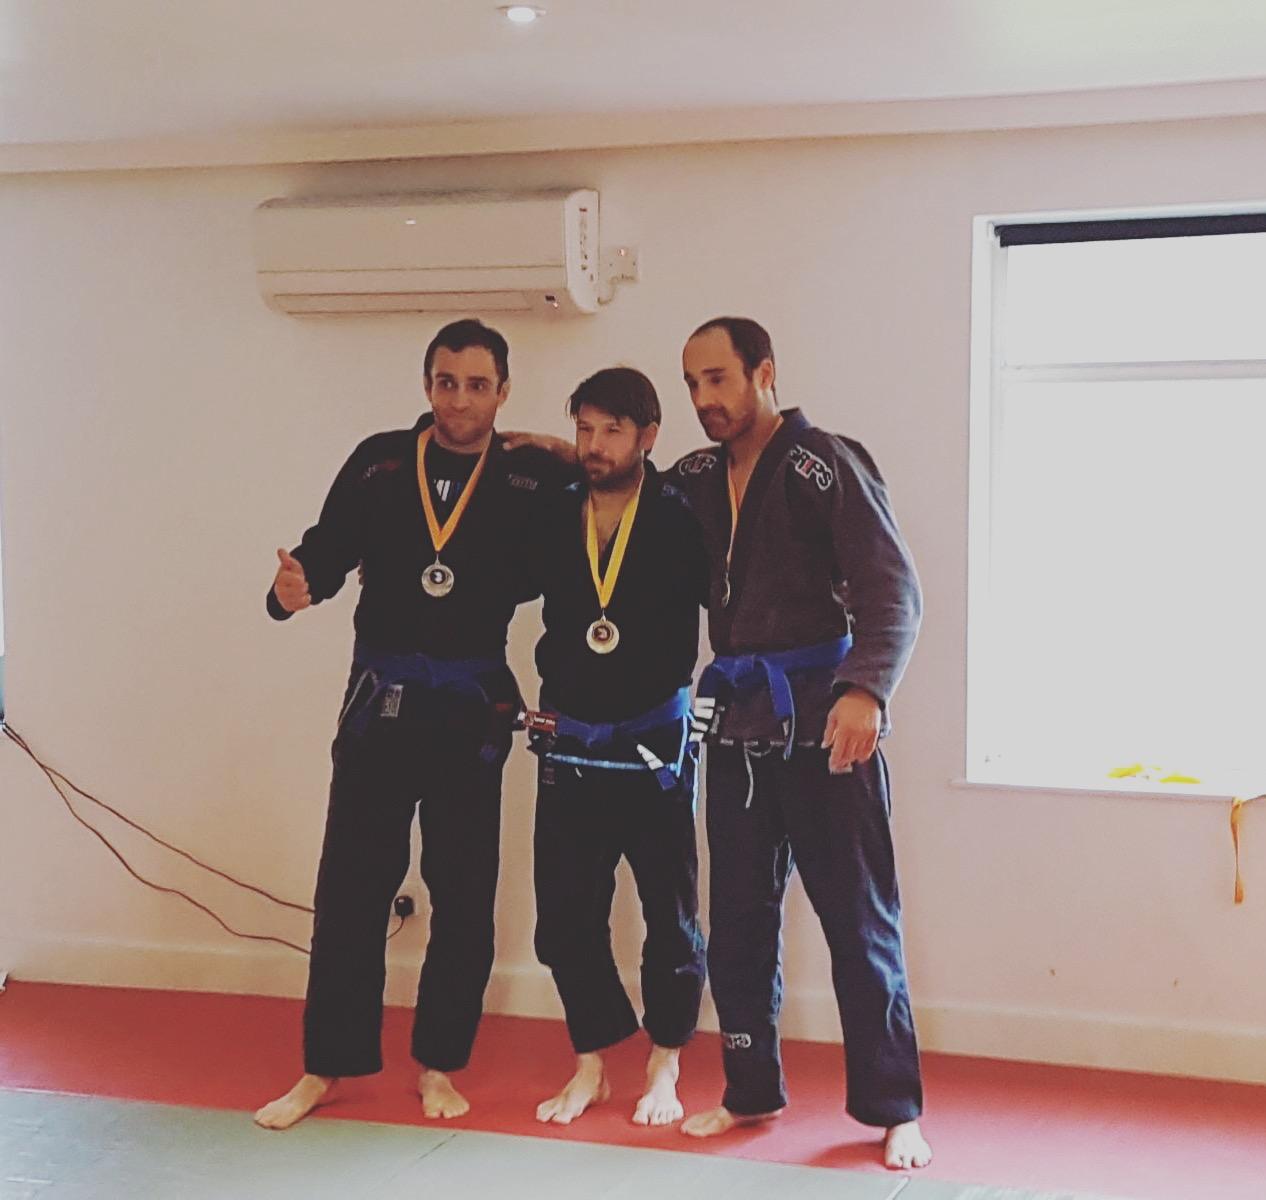 Xian gets Bronze in Hillingdon